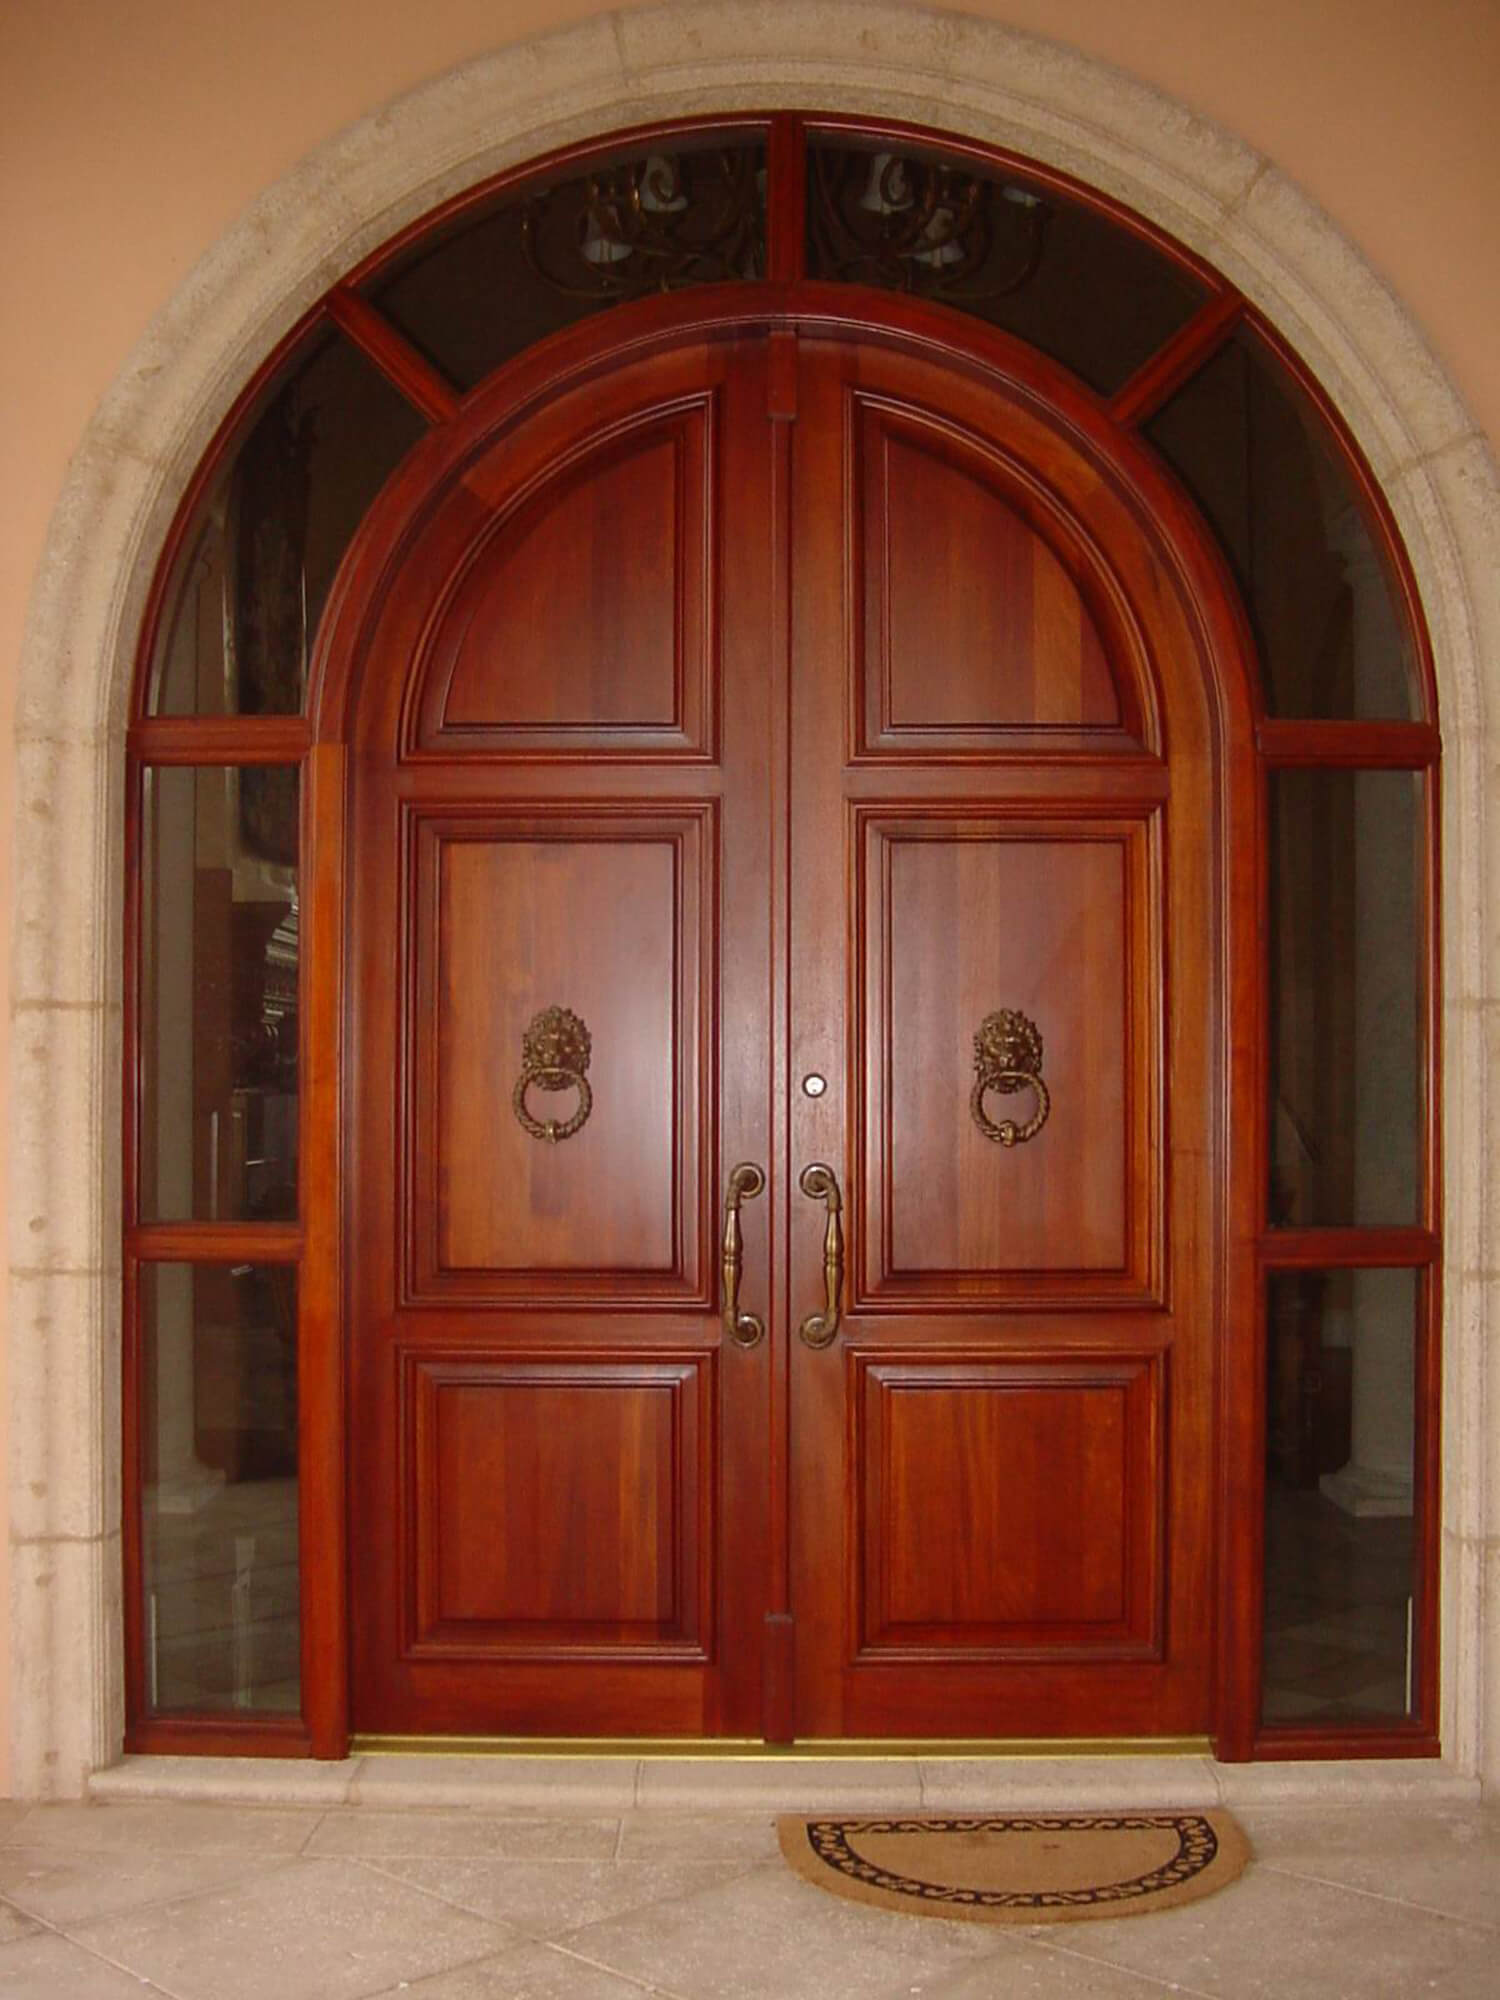 St Petersburg. Mahogany Entrance Door System